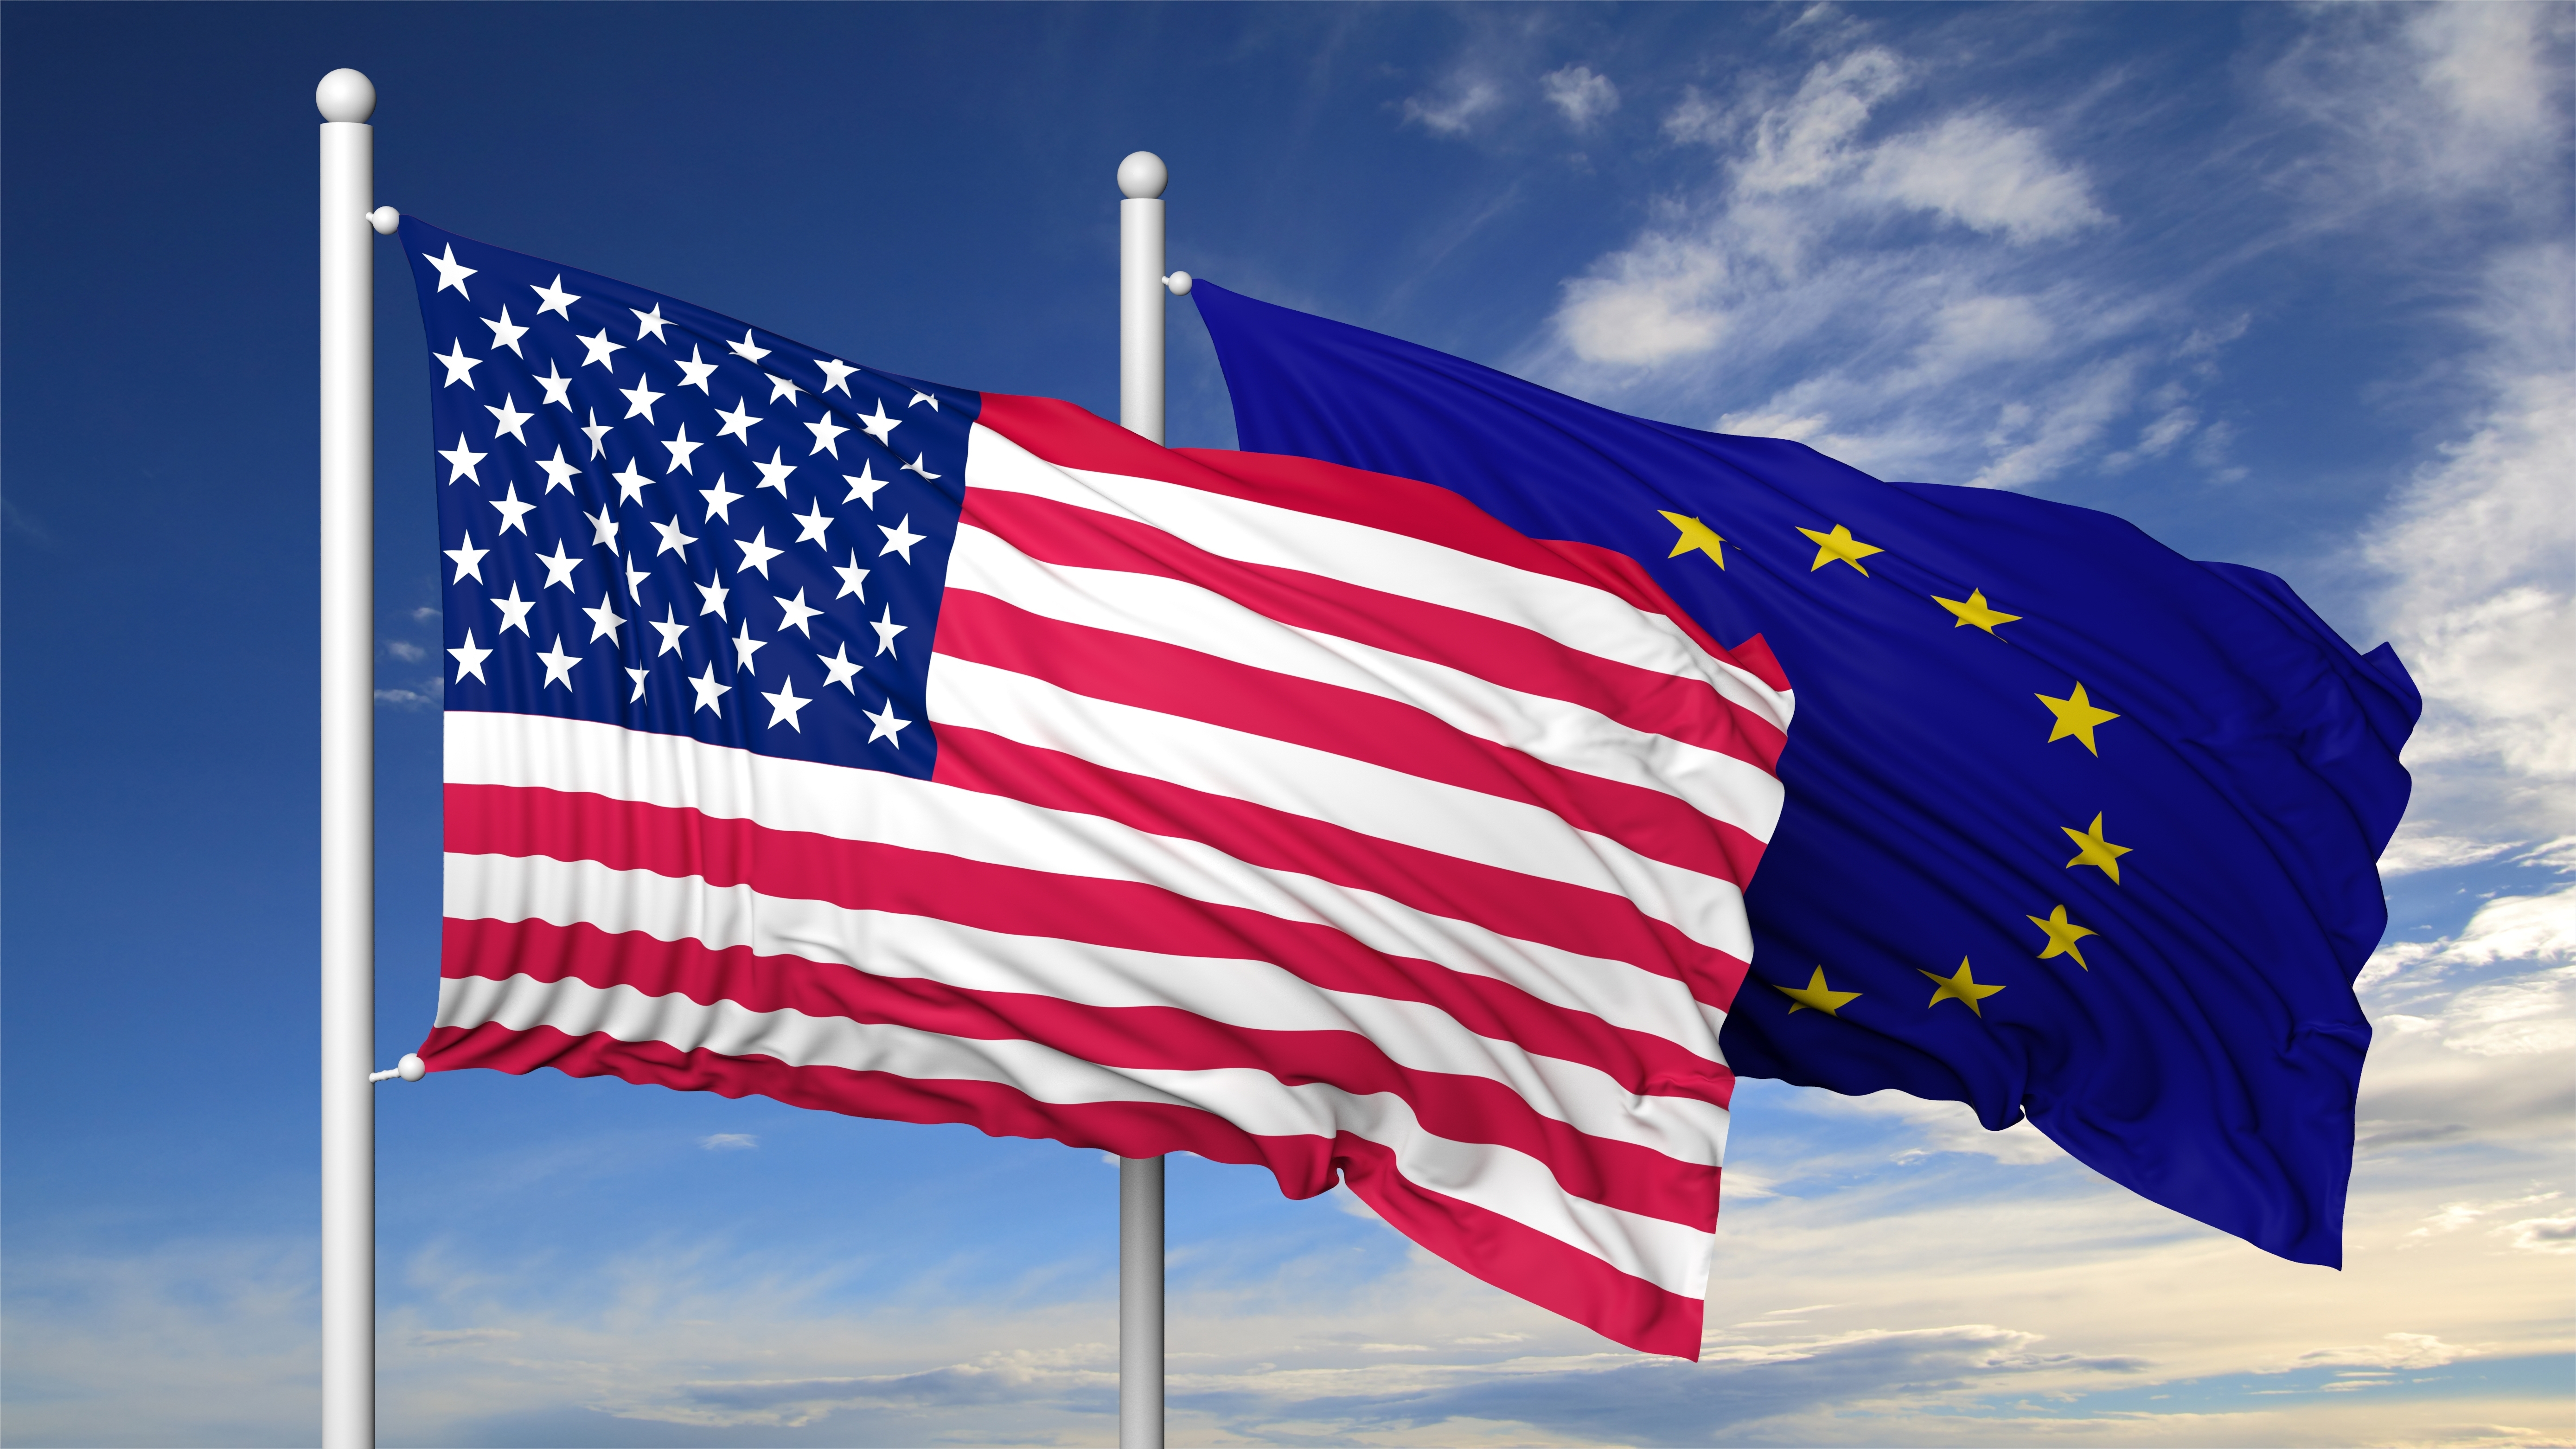 أميركا وأوروبا